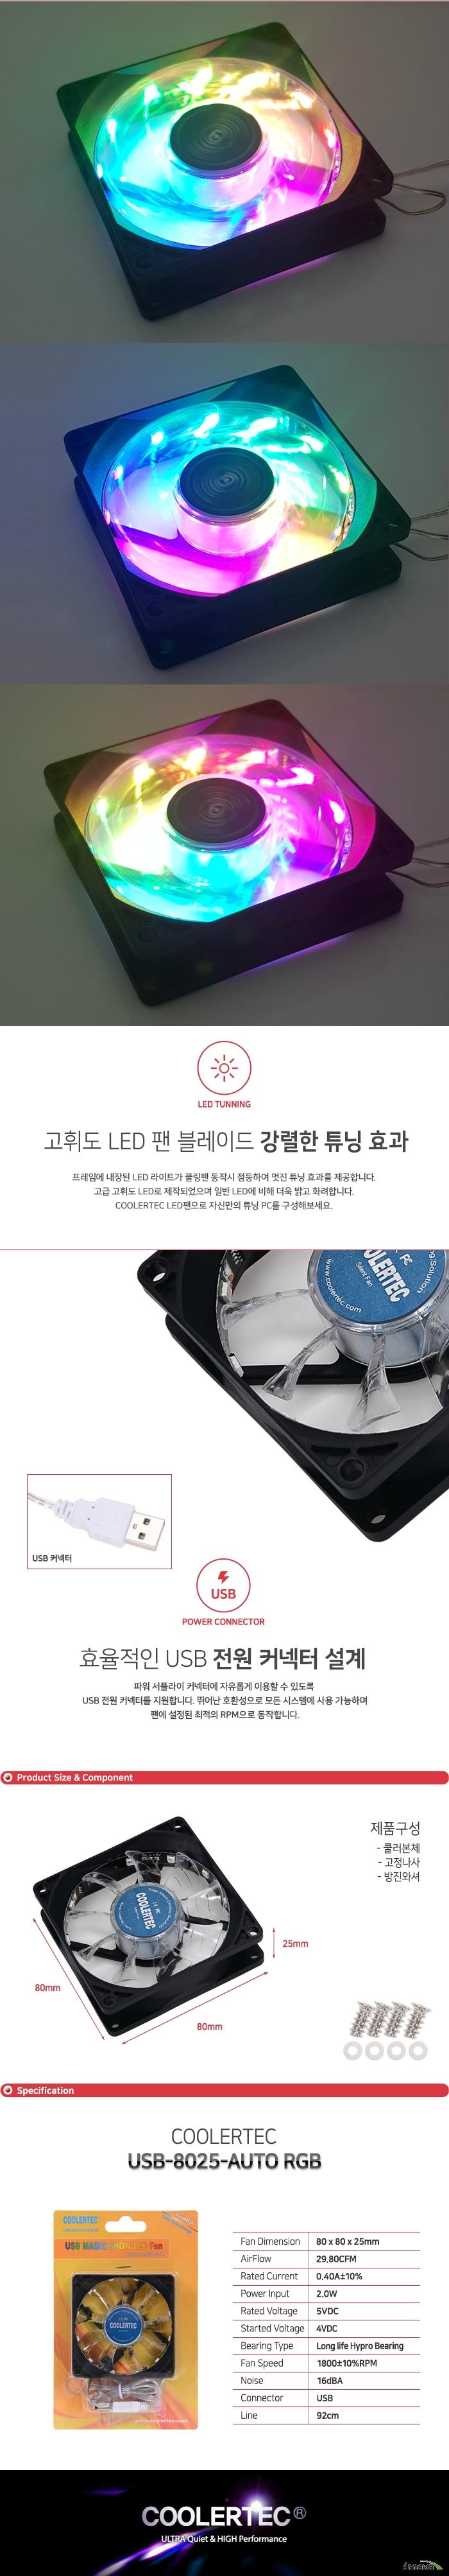 프레임에 내장된 LED 라이트가 쿨링팬 동작시 점등하여 멋진 튜닝 효과를 제공합니다. 고급 고휘도 LED로 제작되었으며 일반 LED에 비해 더욱 밝고 화려합니다. COOLERTEC LED팬으로 자신만의 튜닝 PC를 구성해보세요. 파워 서플라이 커넥터에 자유롭게 이용할 수 있도록 USB 전원 커넥터를 지원합니다. 뛰어난 호환성으로 모든 시스템에 사용 가능하며 팬에 설정된 최적의 RPM으로 동작합니다.